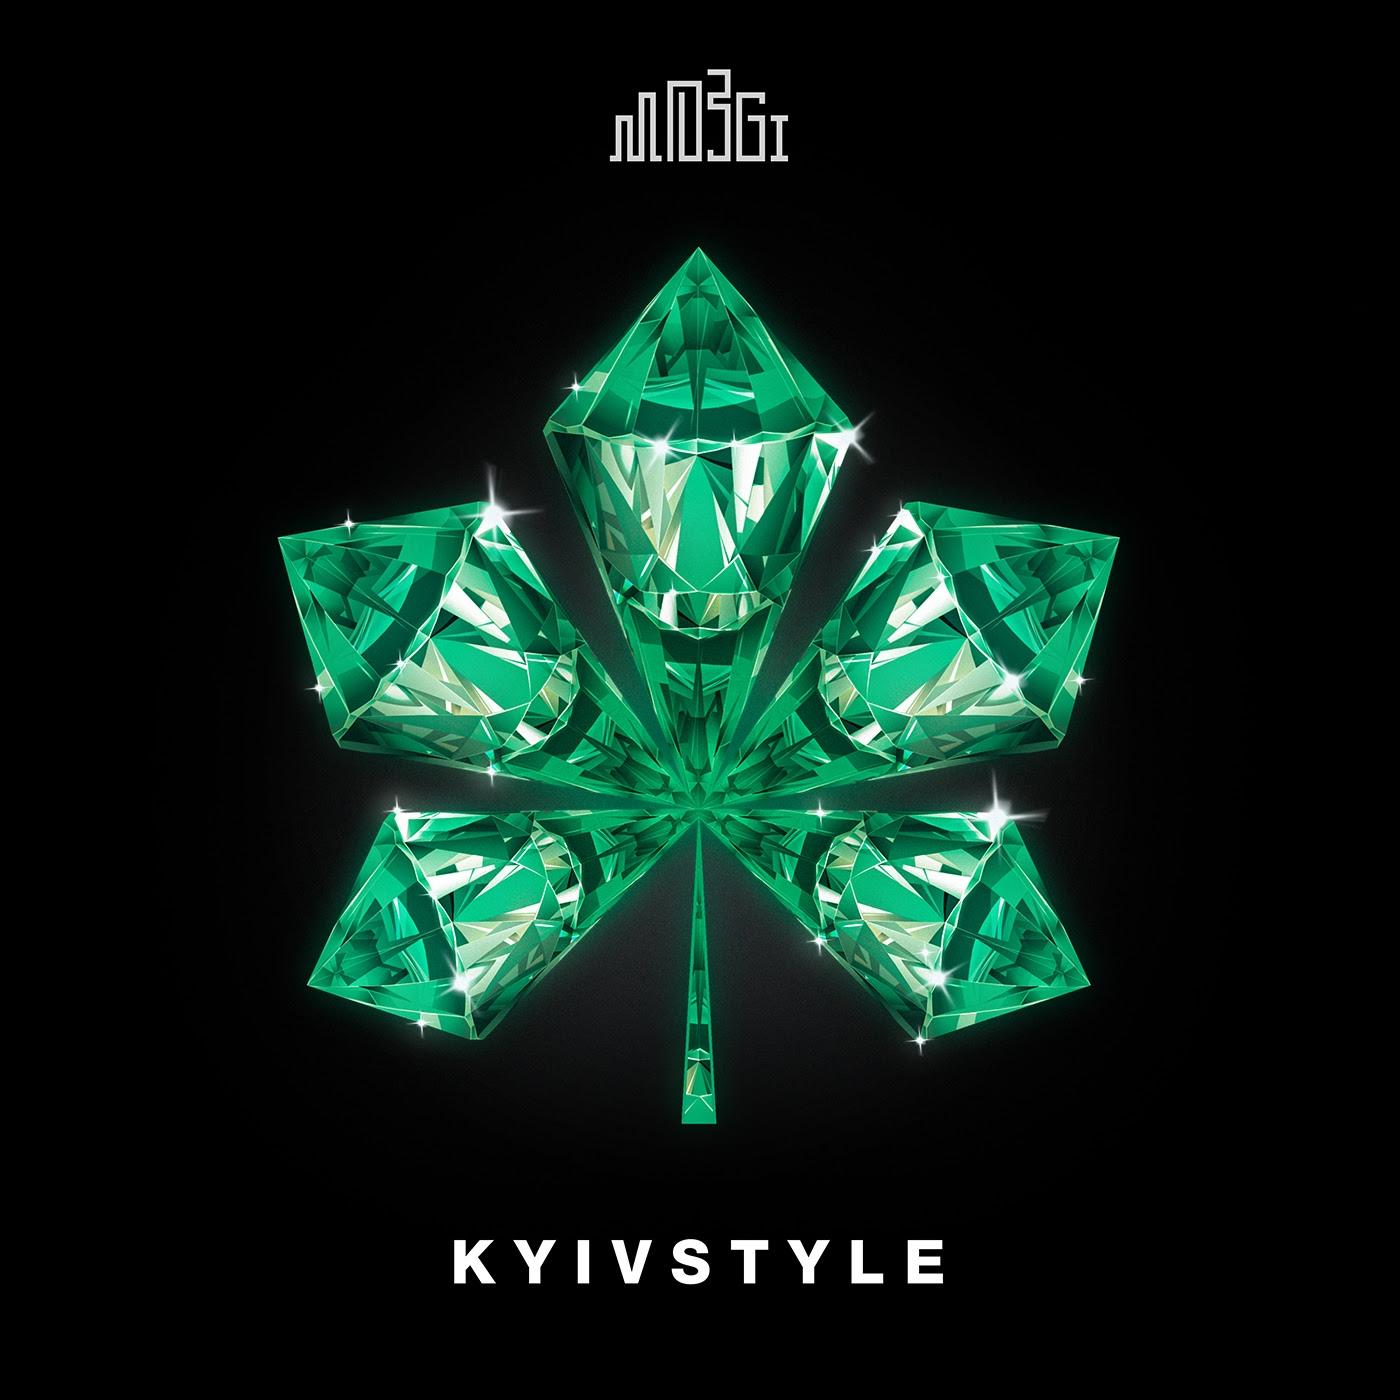 Слушаем! MOZGI посвятили Киеву новый альбом KYIVSTYLE - фото №1